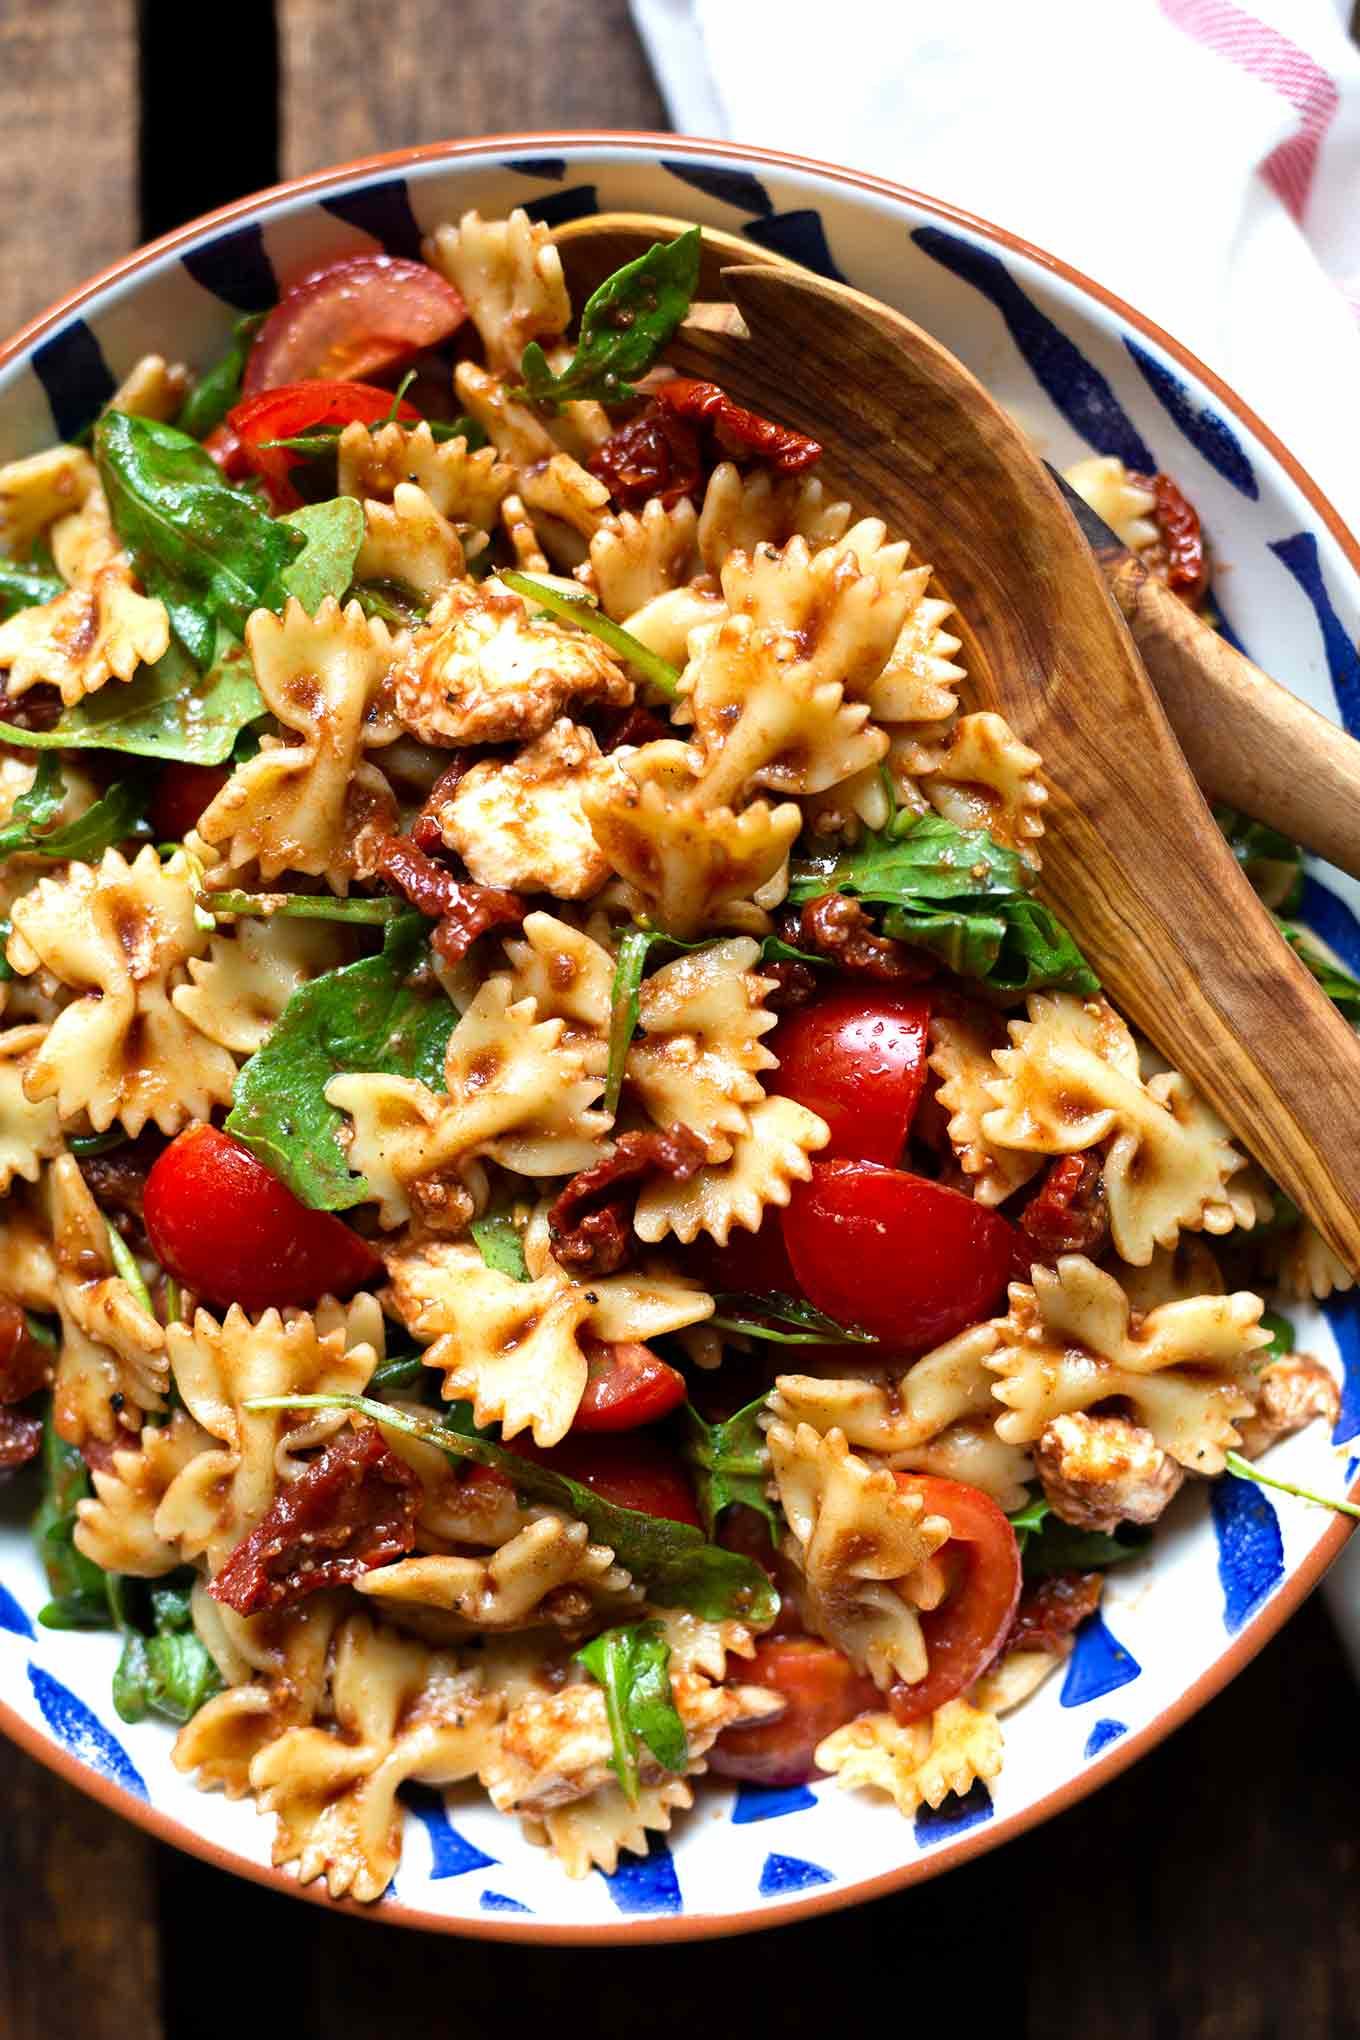 Einfacher italienischer Nudelsalat mit Rucola und getrockneten Tomaten. Dieses Rezept ist einfach und perfekt für heiße Sommertage! - Kochkarussell.com #sommer #keinelustzukochen #rezept #kochkarussell